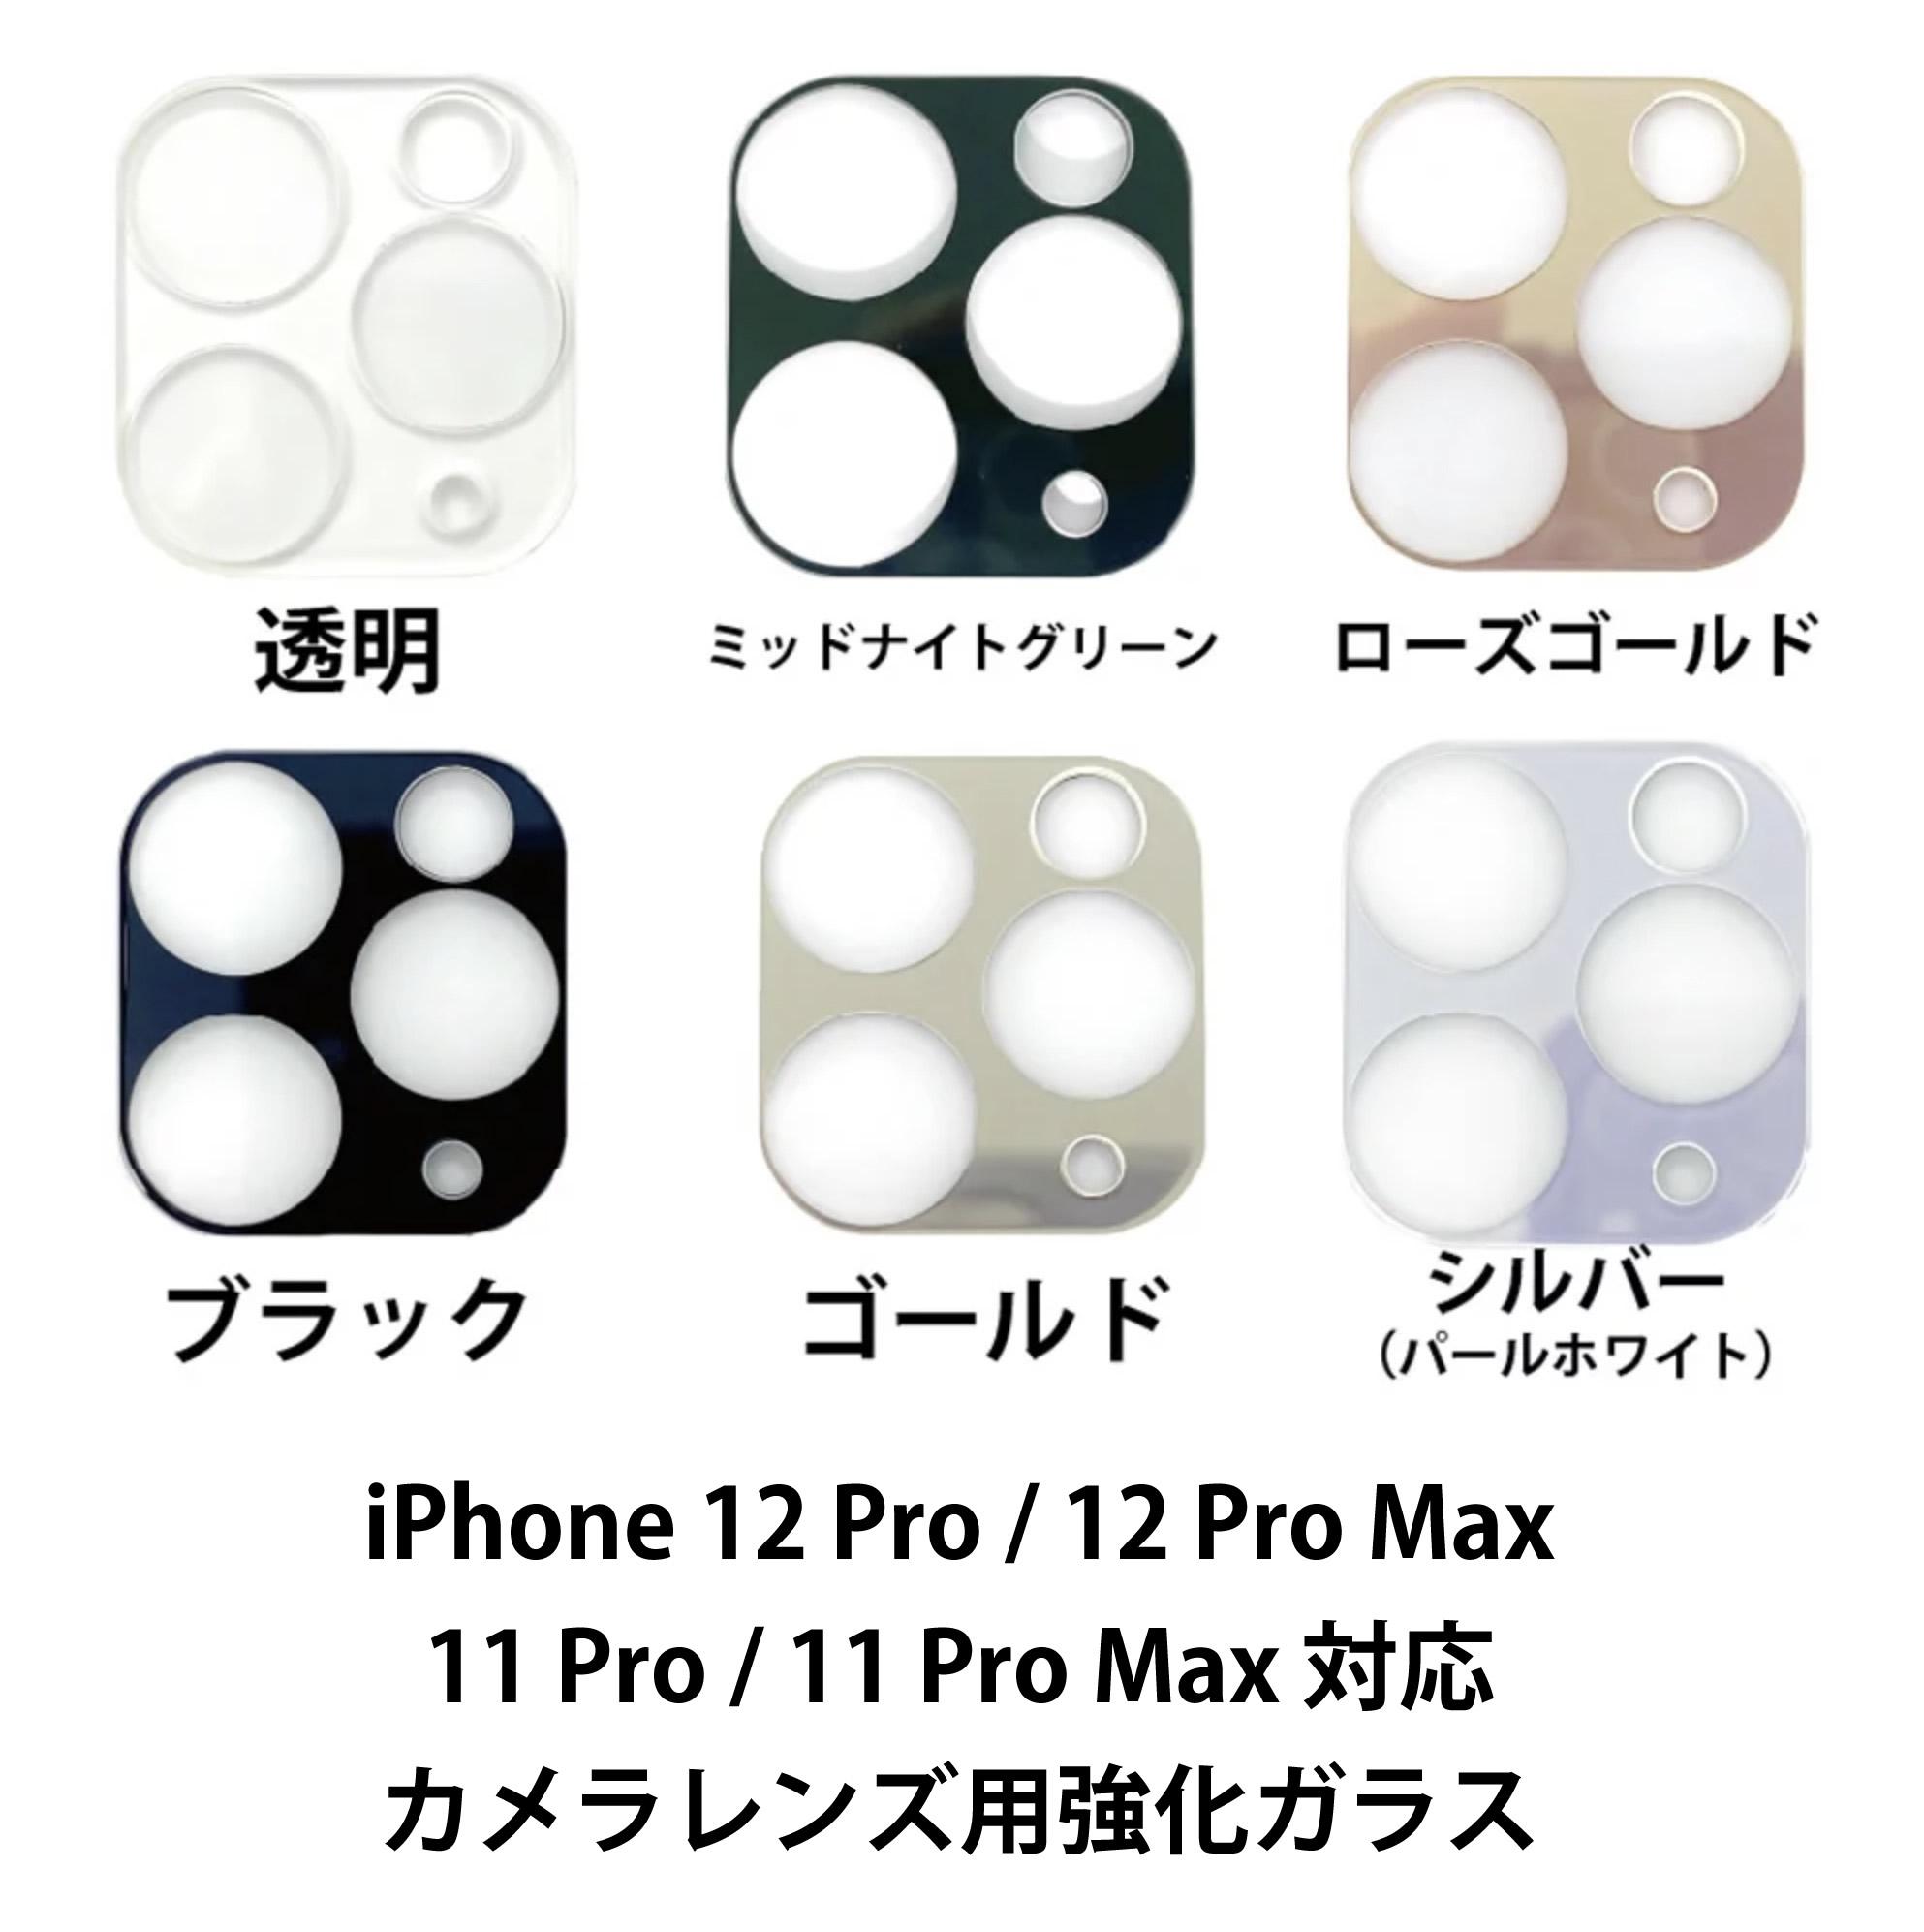 iPhone12 Pro 12 Max 対応 定番から日本未入荷 透明強化ガラスカメラレンズプロテクター カメラ保護フィルム mini 透明カメラレンズフィルム iPhone11 フィルム カメラレンズ 透明ケース お金を節約 透明強化ガラスカメラレンズカバー 保護 カバー